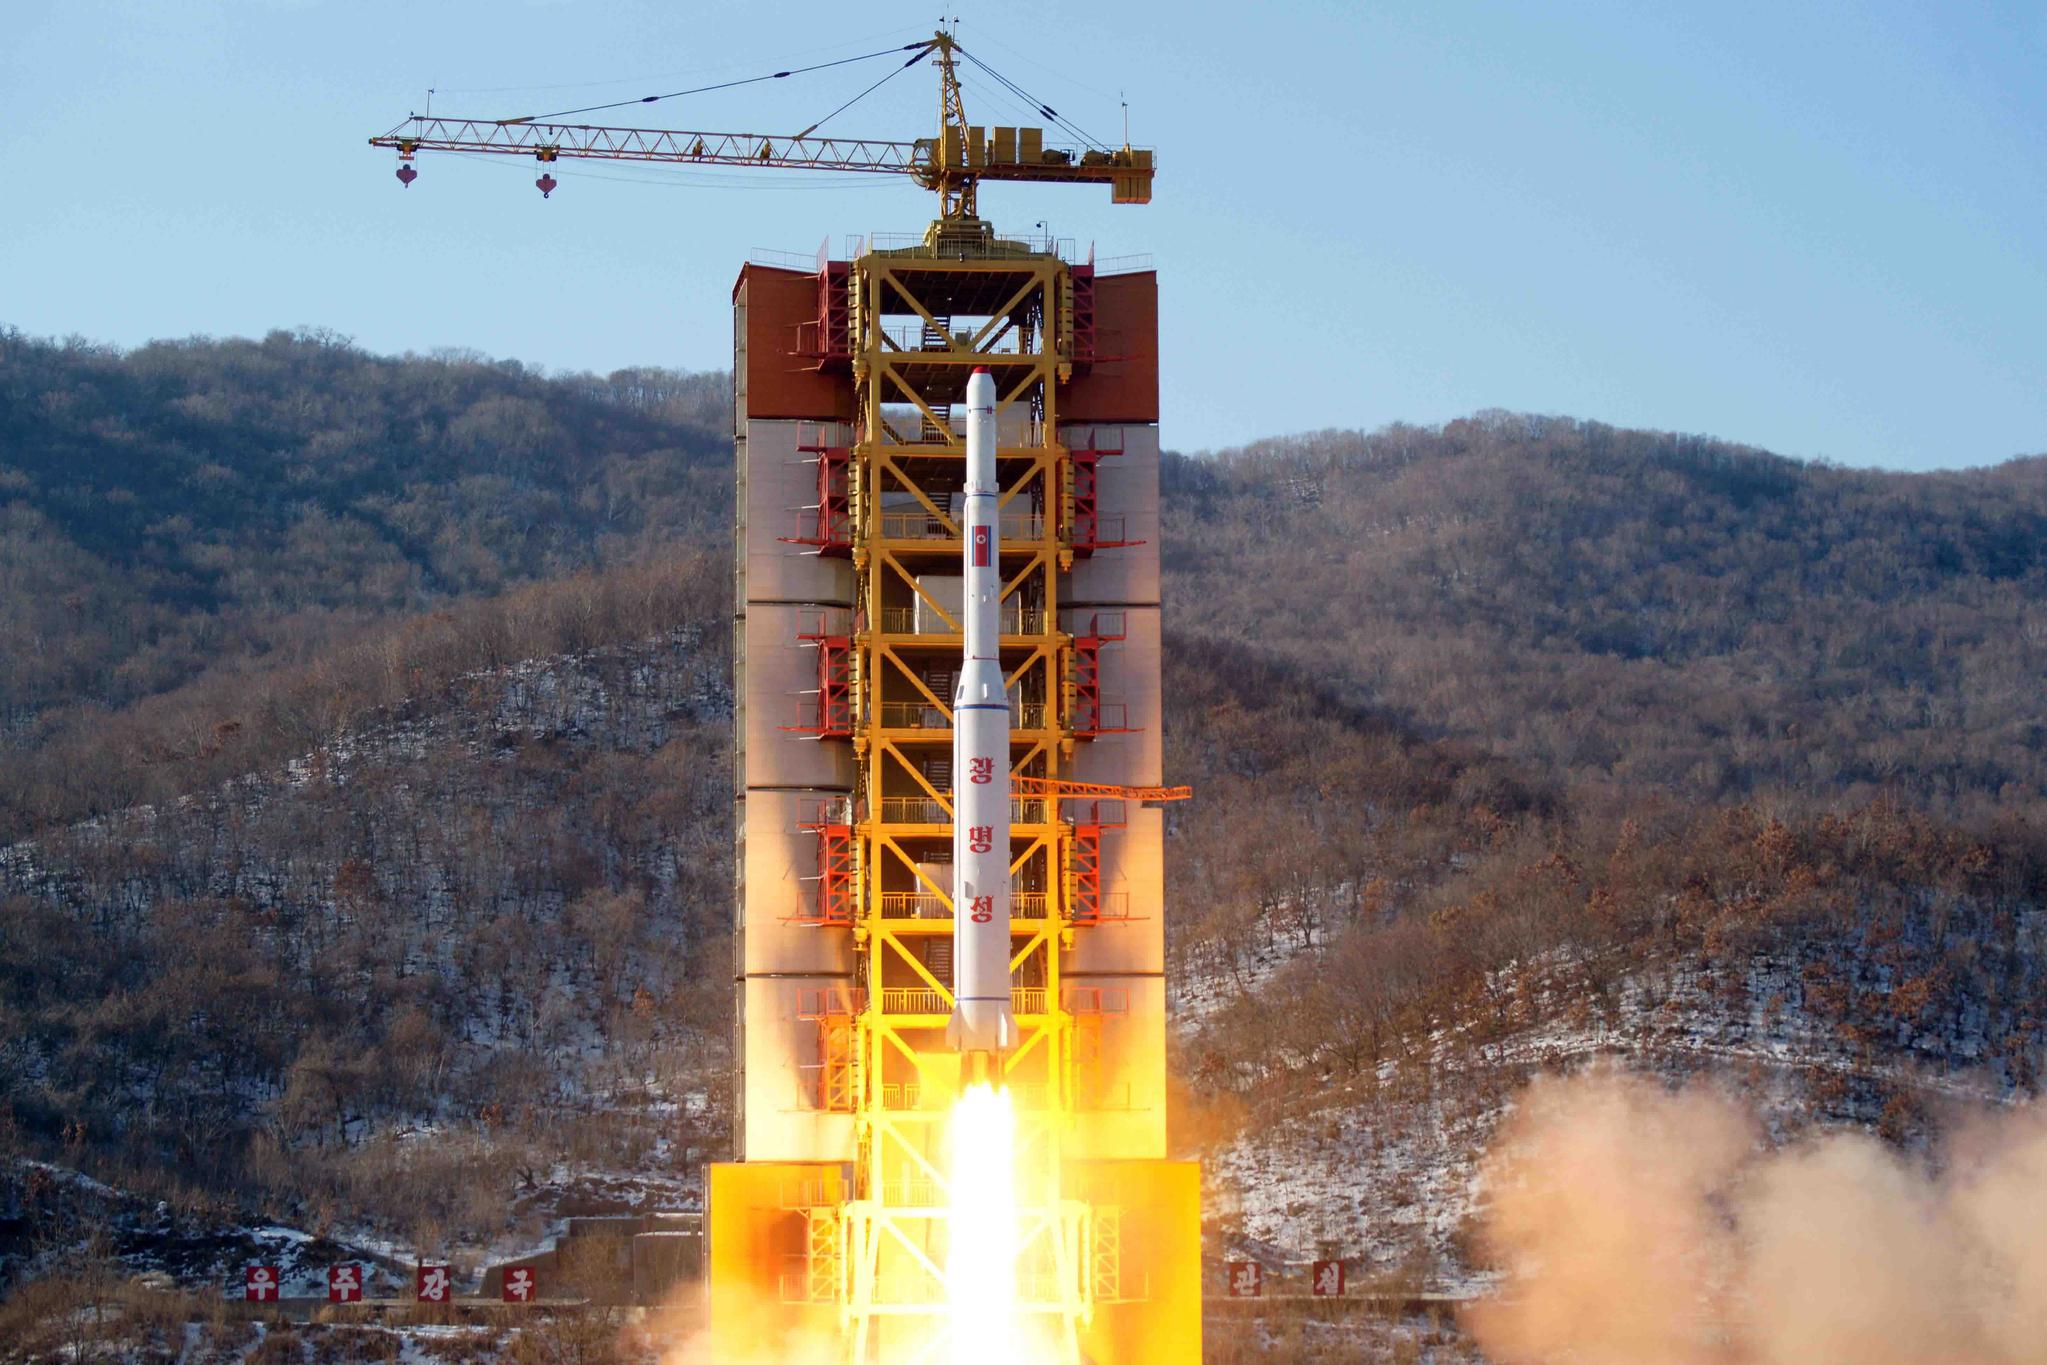 2016년 2월 7일 북한 조선중앙TV가 보도한 동창리 서해위성발사장에서의 광명성 4호 발사 장면. [연합뉴스]